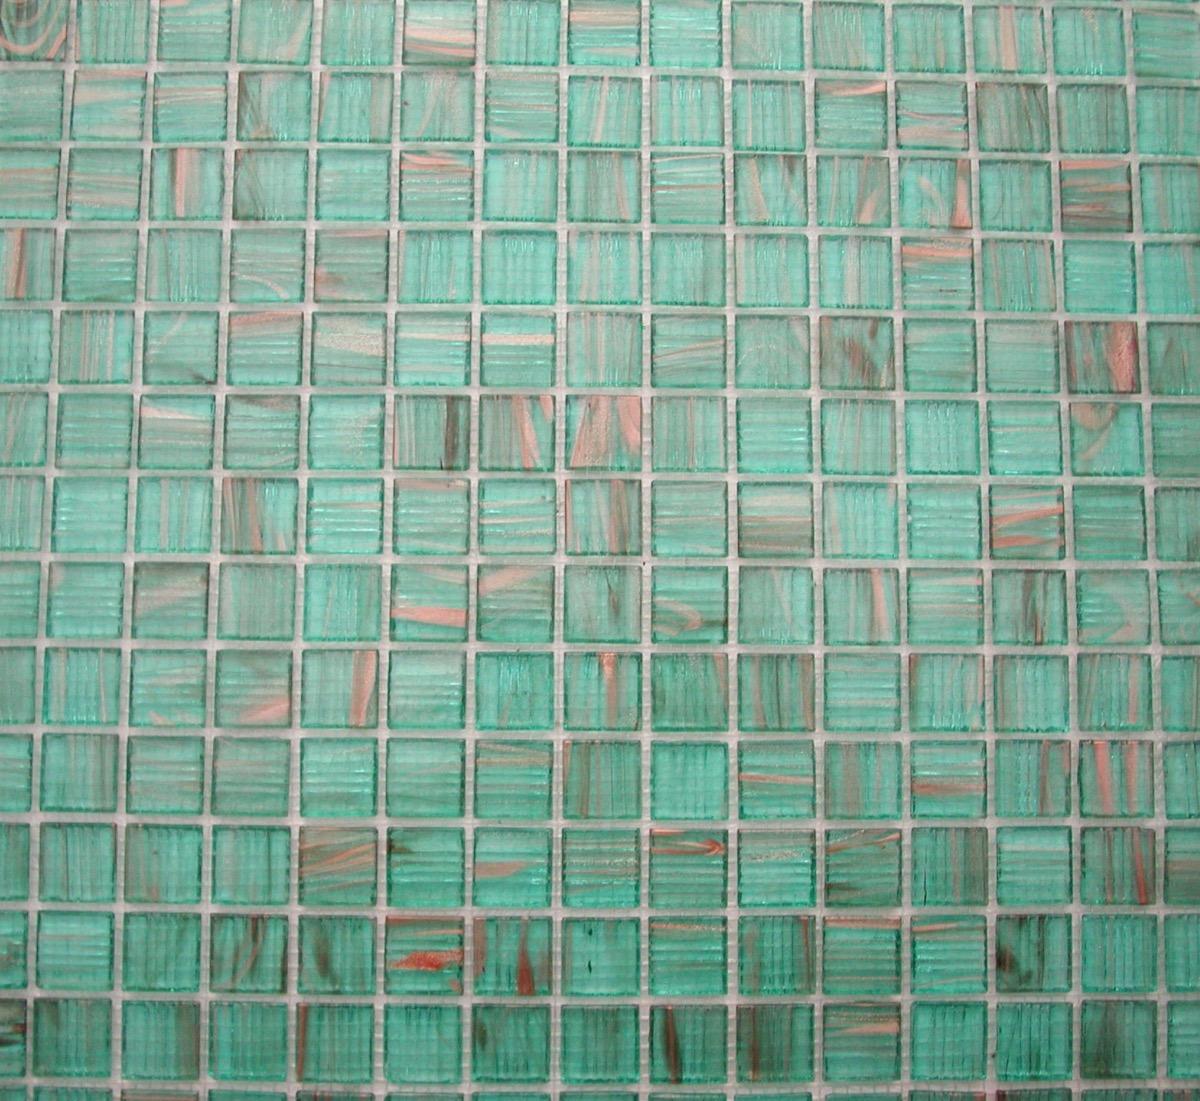 mosa que discount p tes de verre vert turquoise aquatique plaque mosa que de p te de verre 2 cm. Black Bedroom Furniture Sets. Home Design Ideas